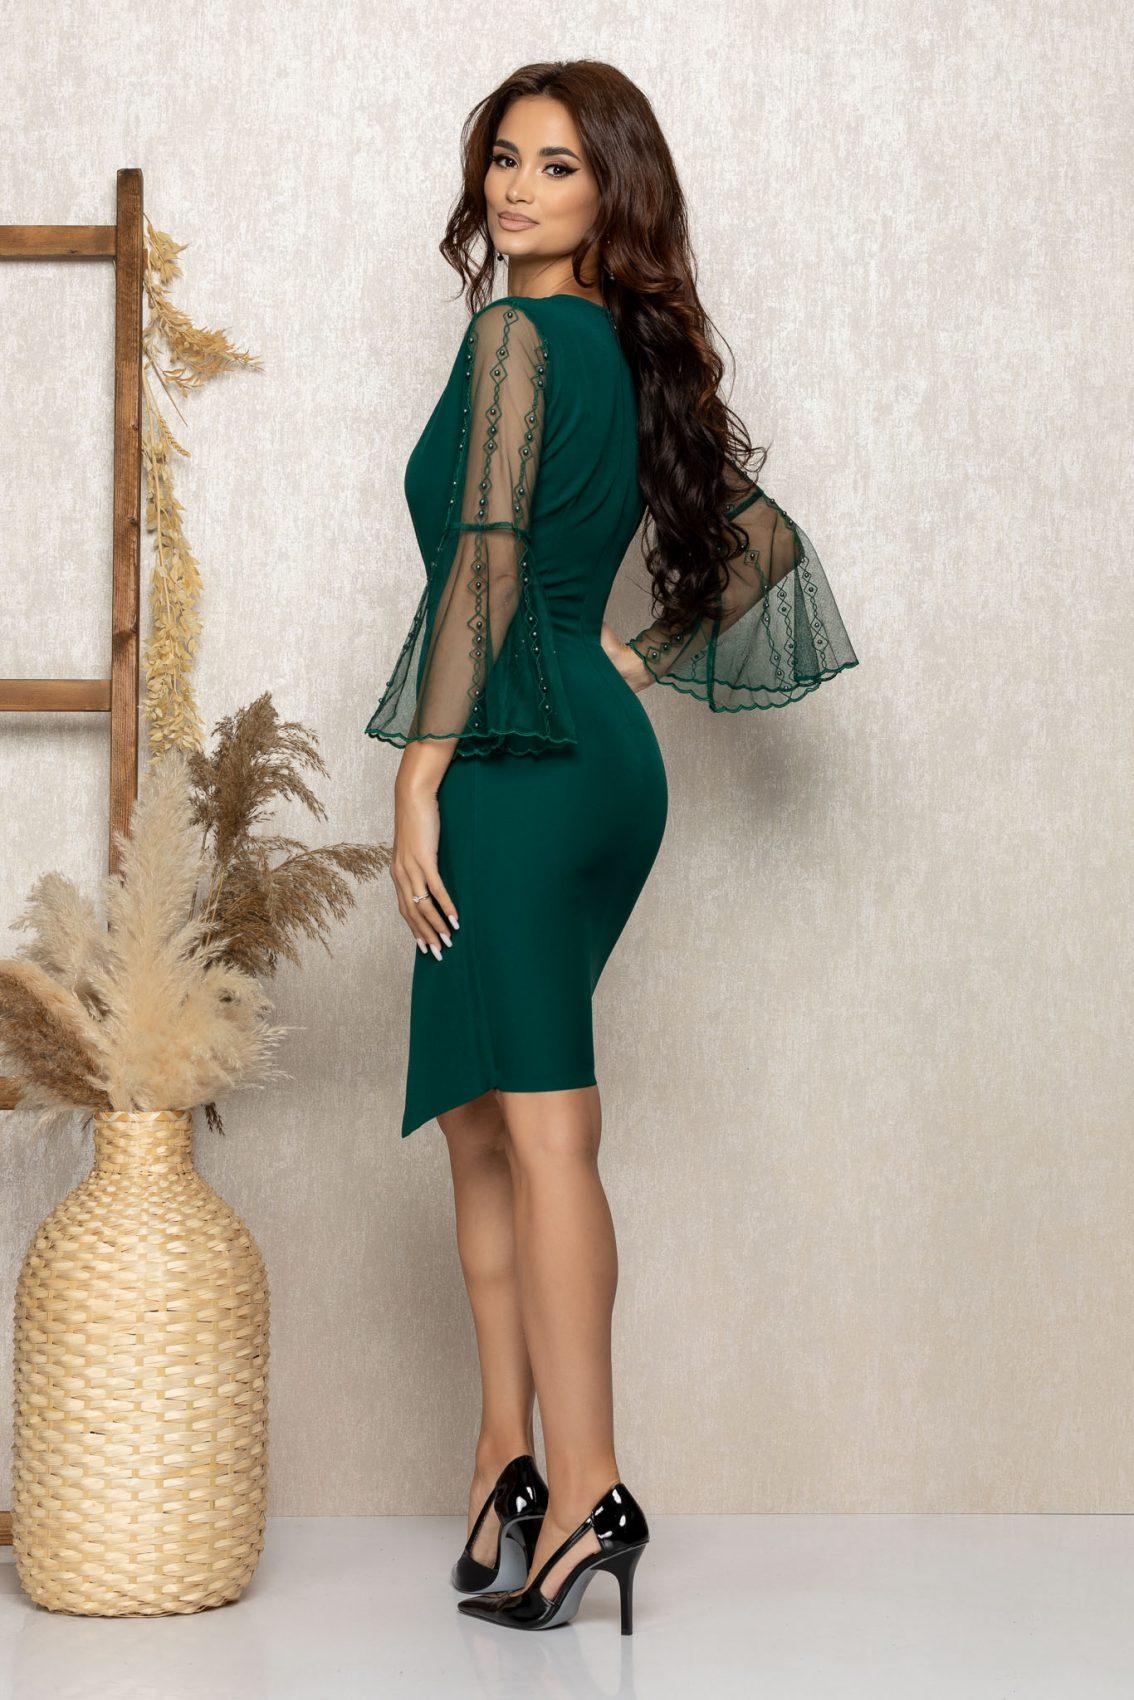 Πράσινο Κρουαζέ Βραδινό Φόρεμα Ynna T263 2